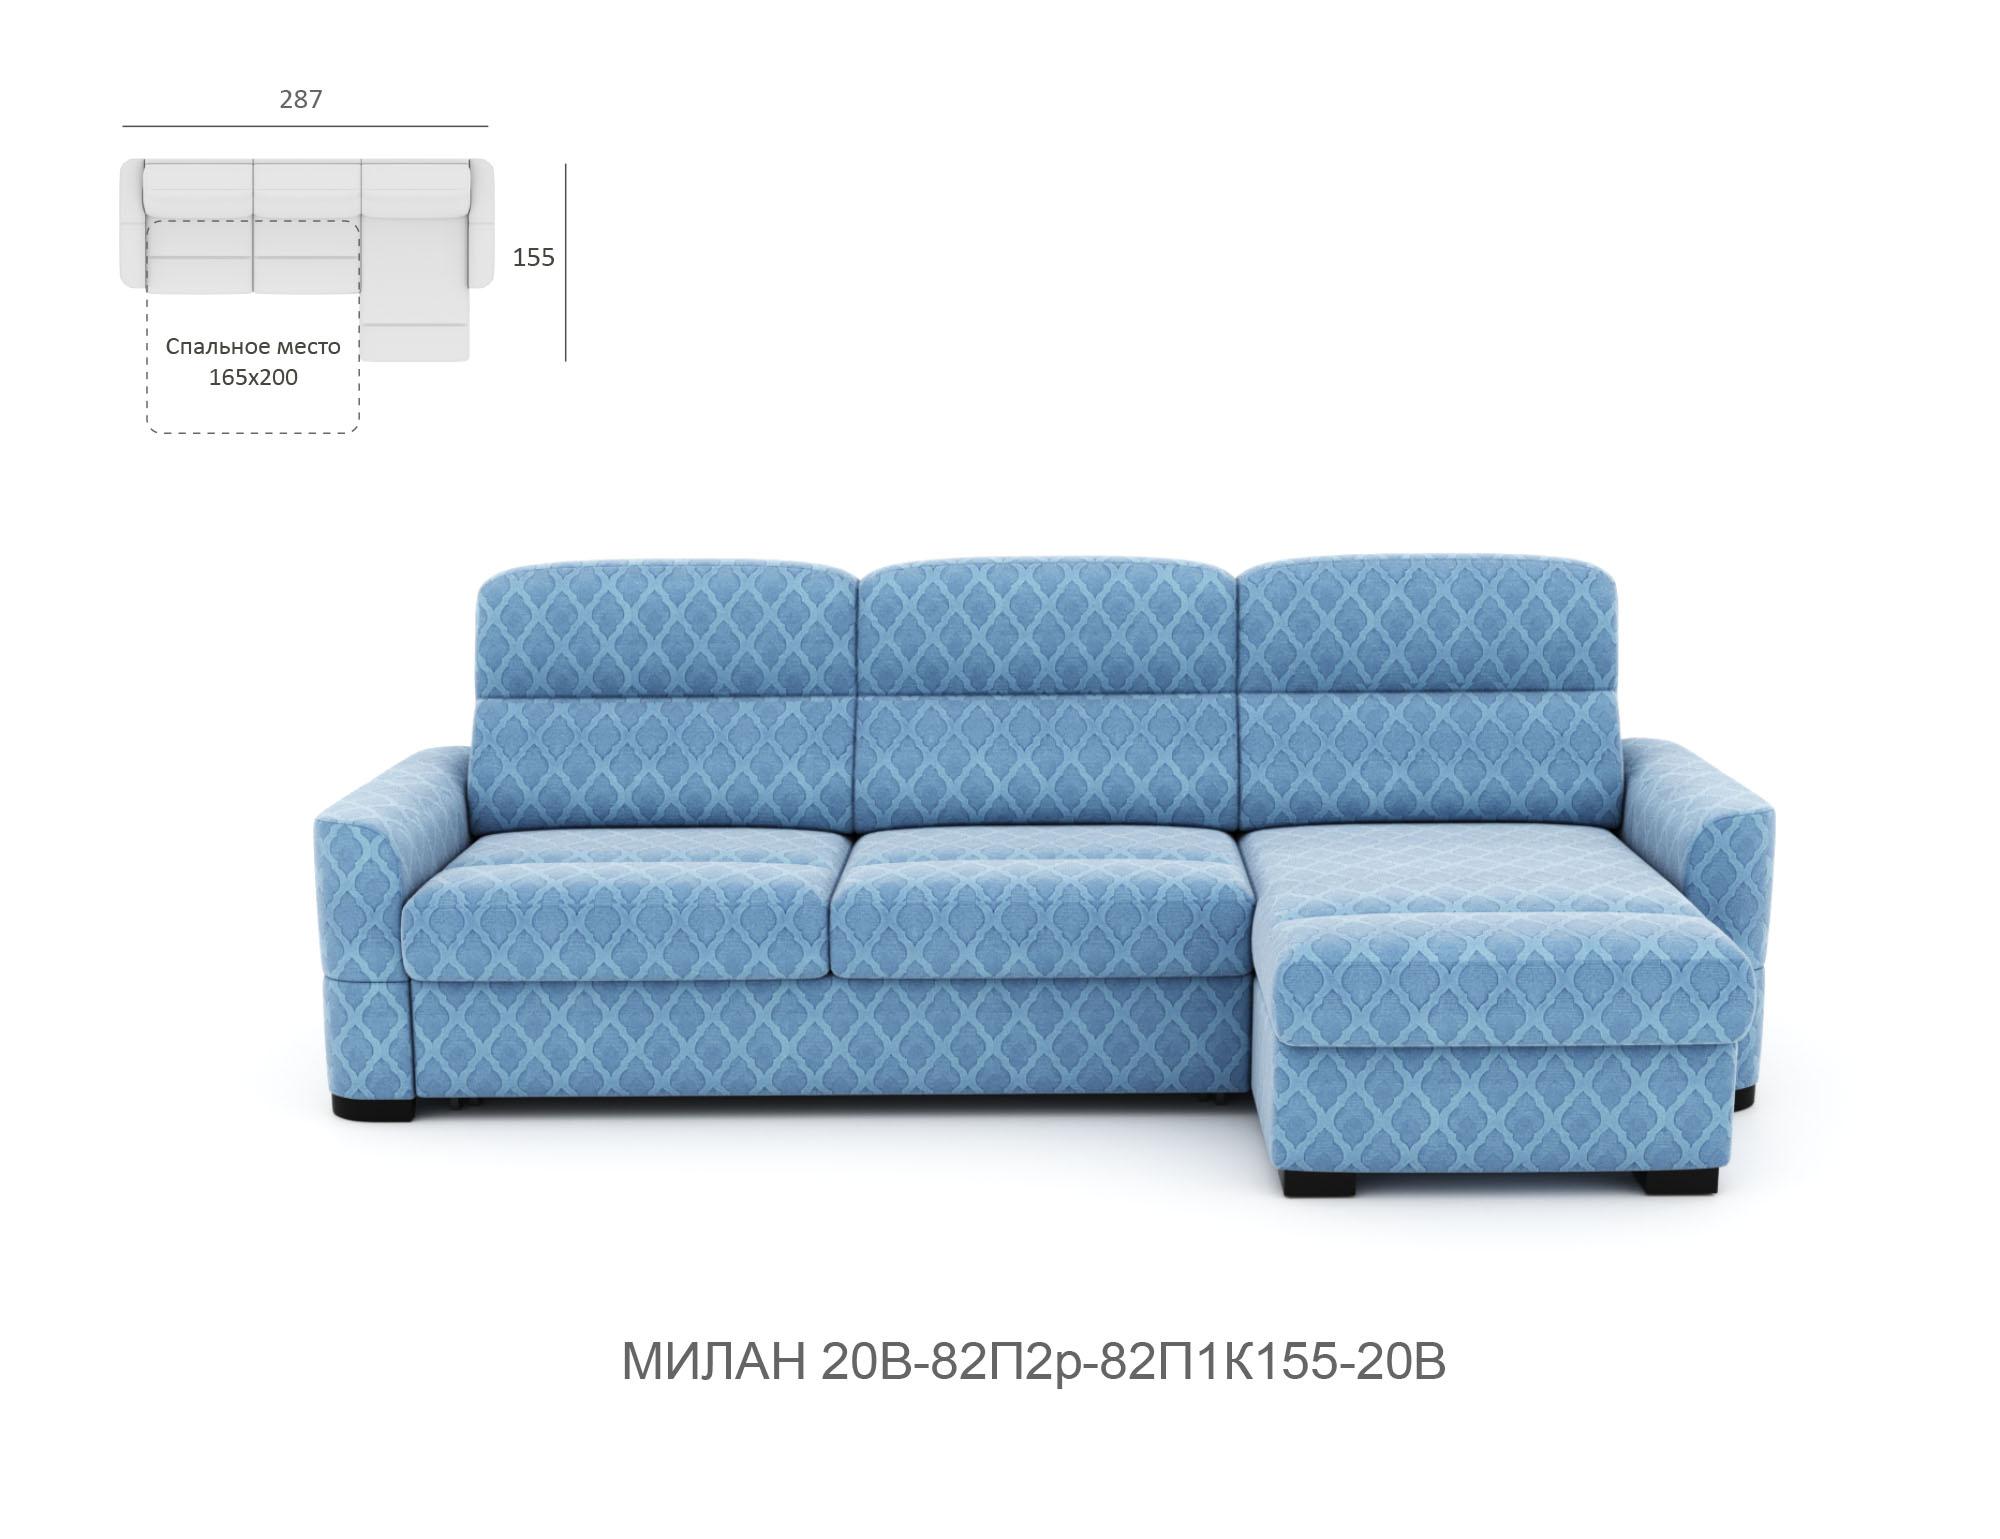 Милан 20В-82П2р-82П1К155-20В